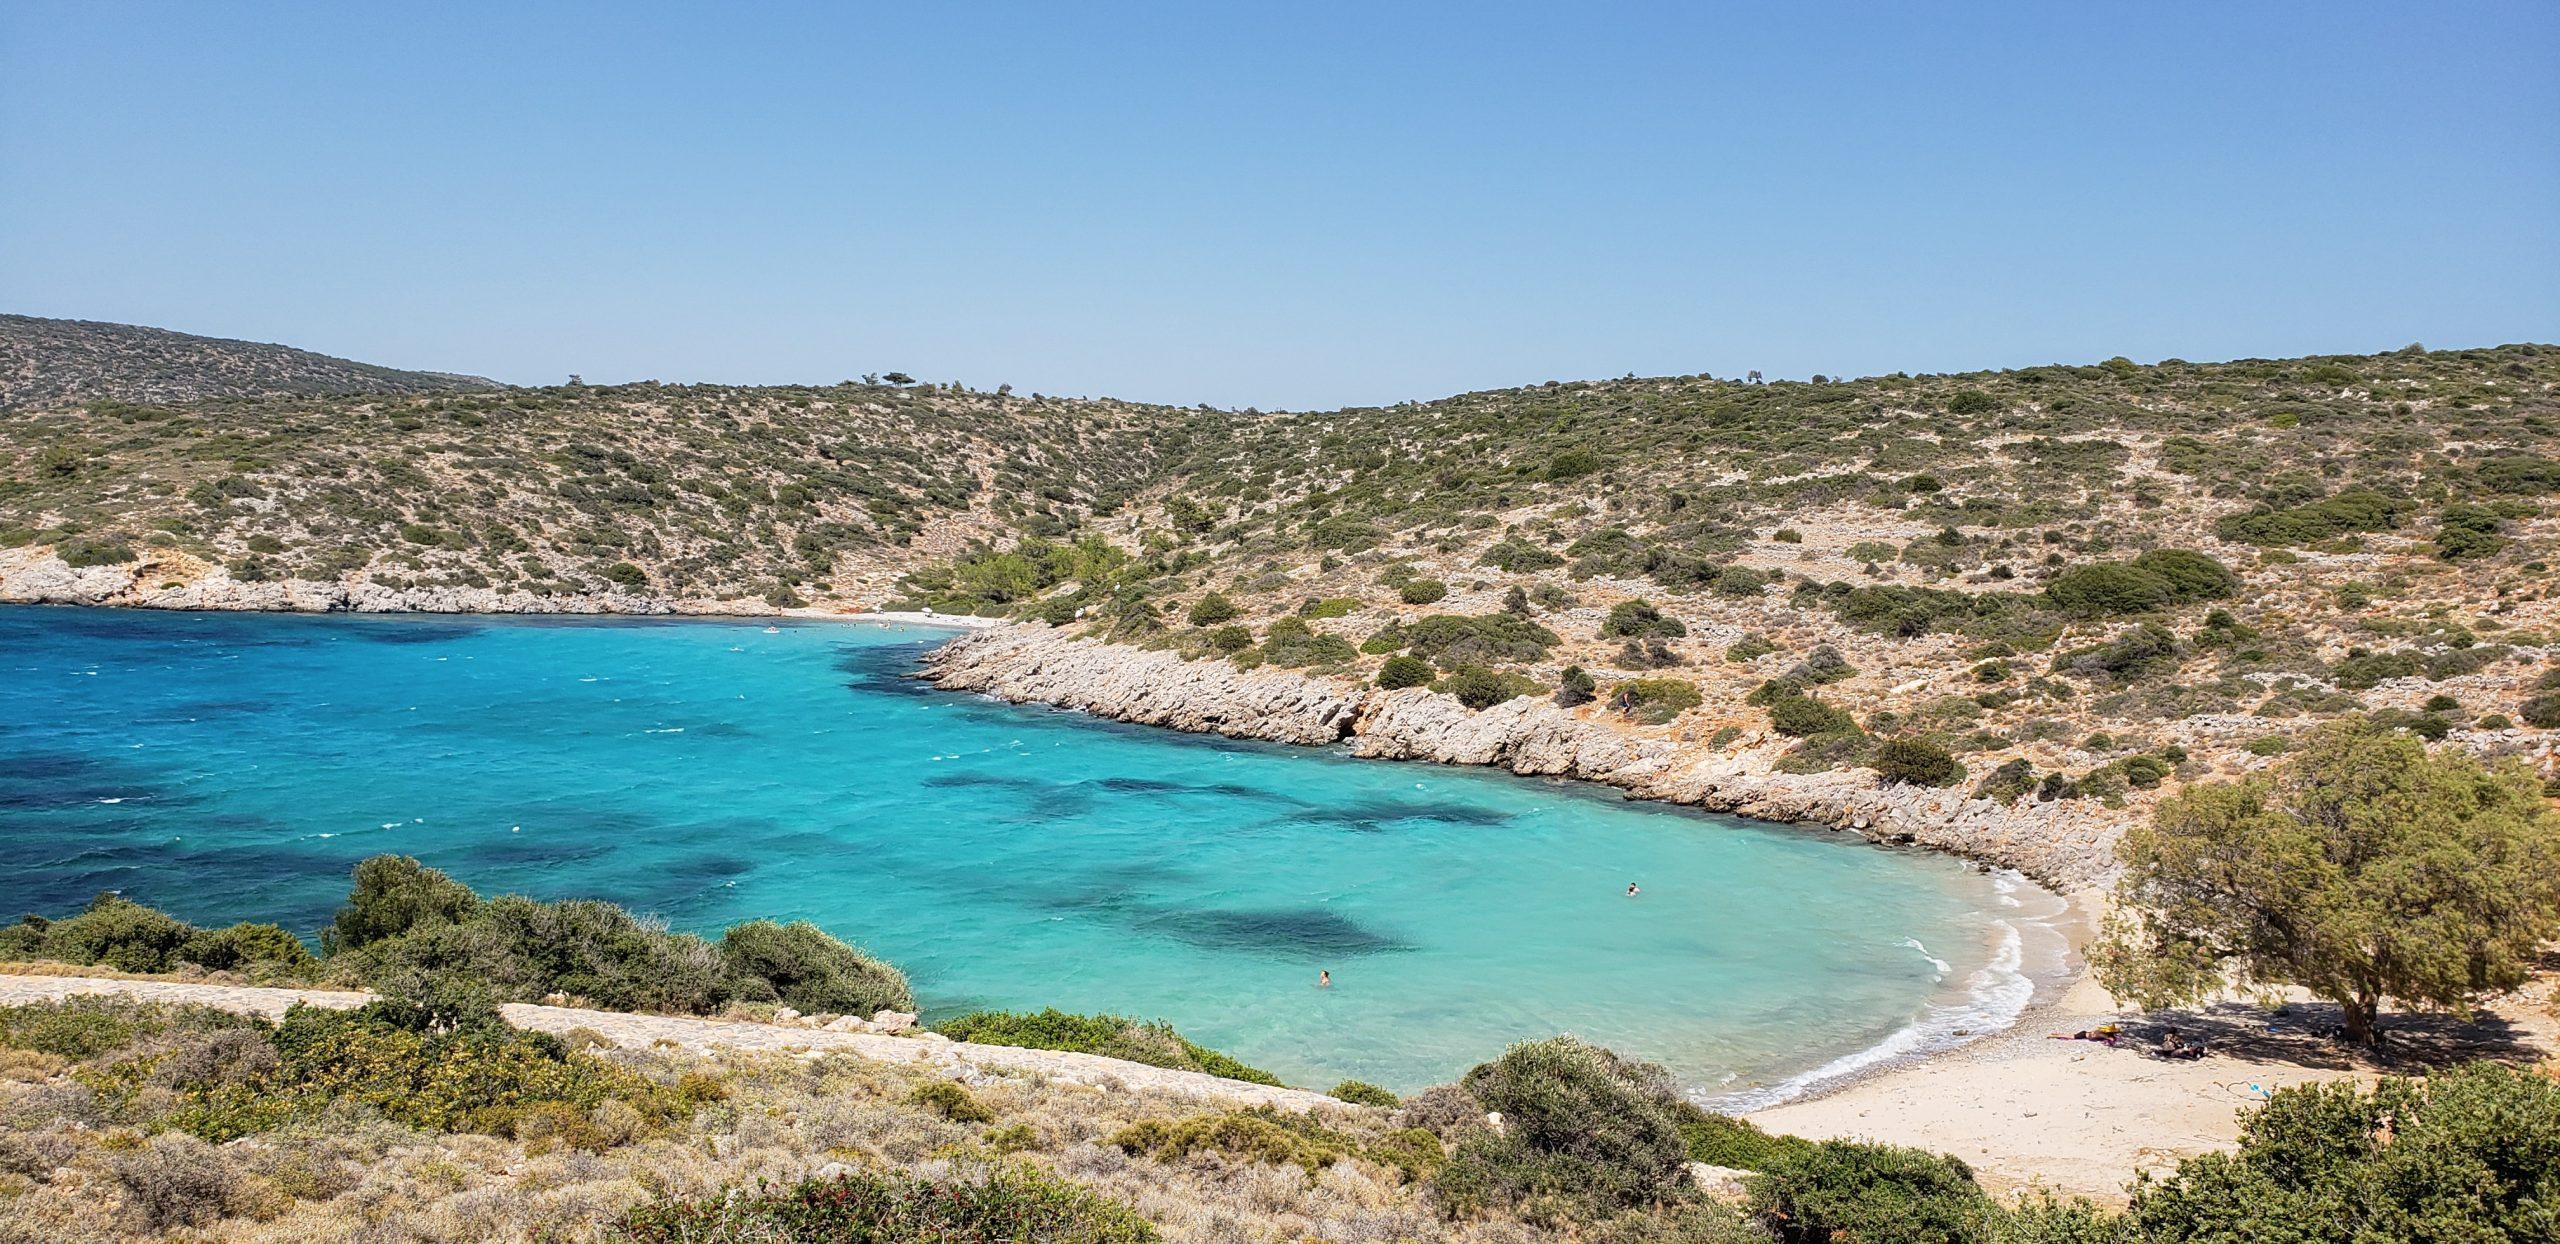 Beach in Chios Island